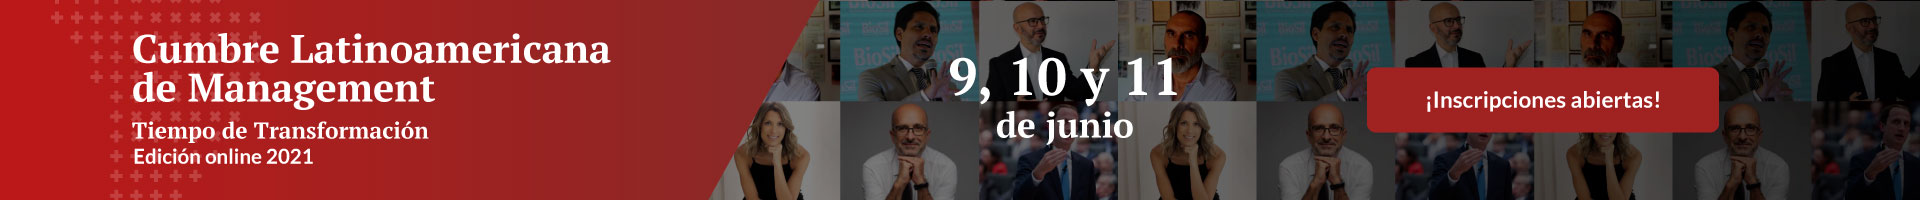 Cumbre Latinoamericana de Management 2021 – Edición Online